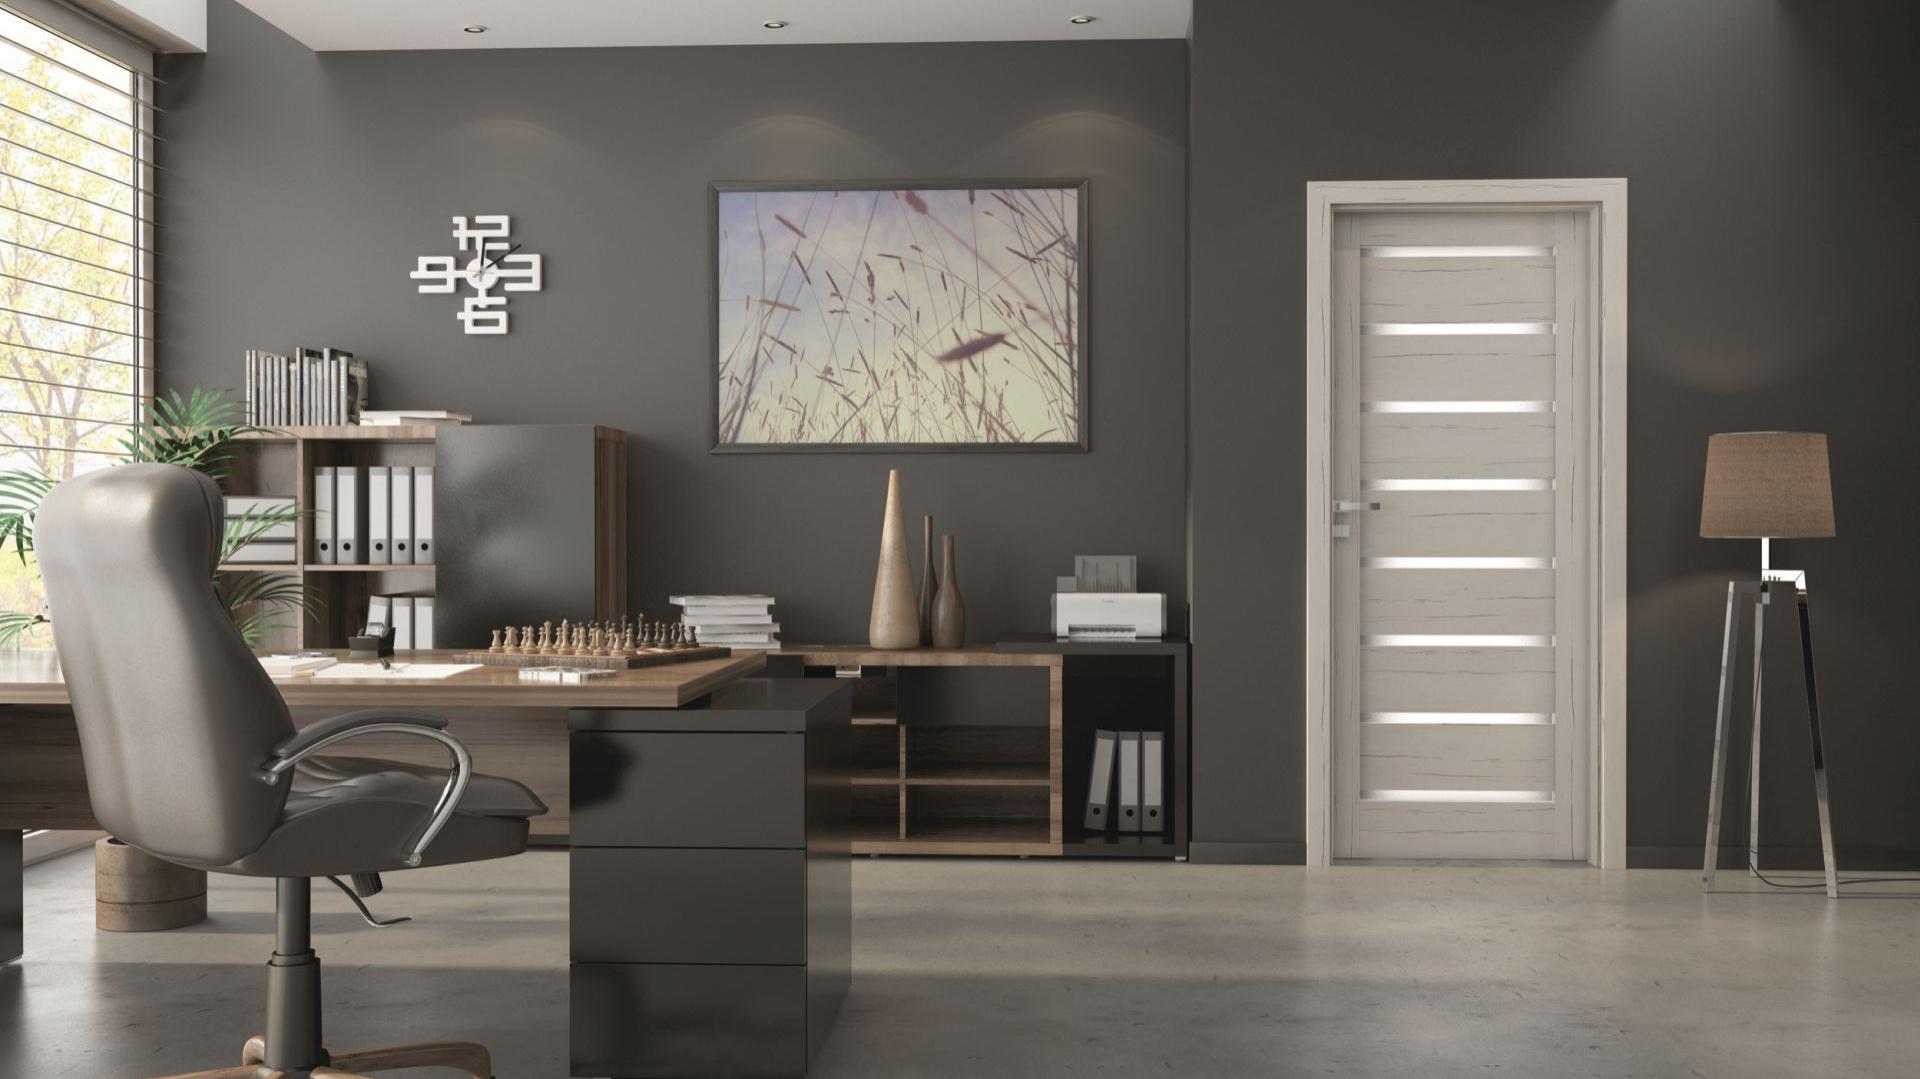 Kolekcja Linea Forte pozwala z łatwością dopasować drzwi do wnętrza o jasno sprecyzowanej kolorystyce. Bogaty wybór oklein, wśród których znajdziemy kasztan, dąb, heban czy cedr, daje duże możliwości aranżacyjne. Fot. Invado Linea Forte.